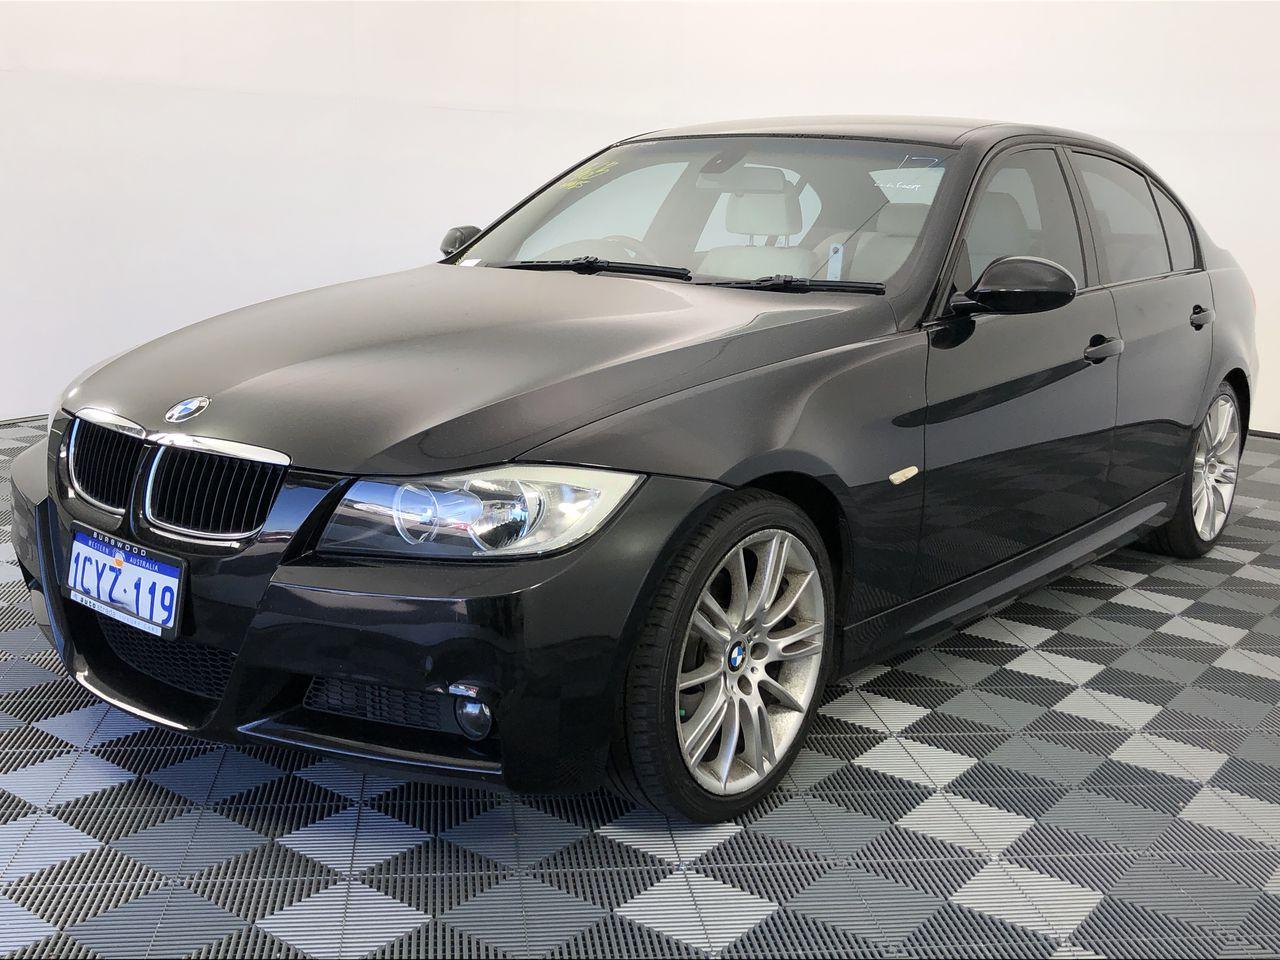 2006 BMW 320i E90 Automatic Sedan